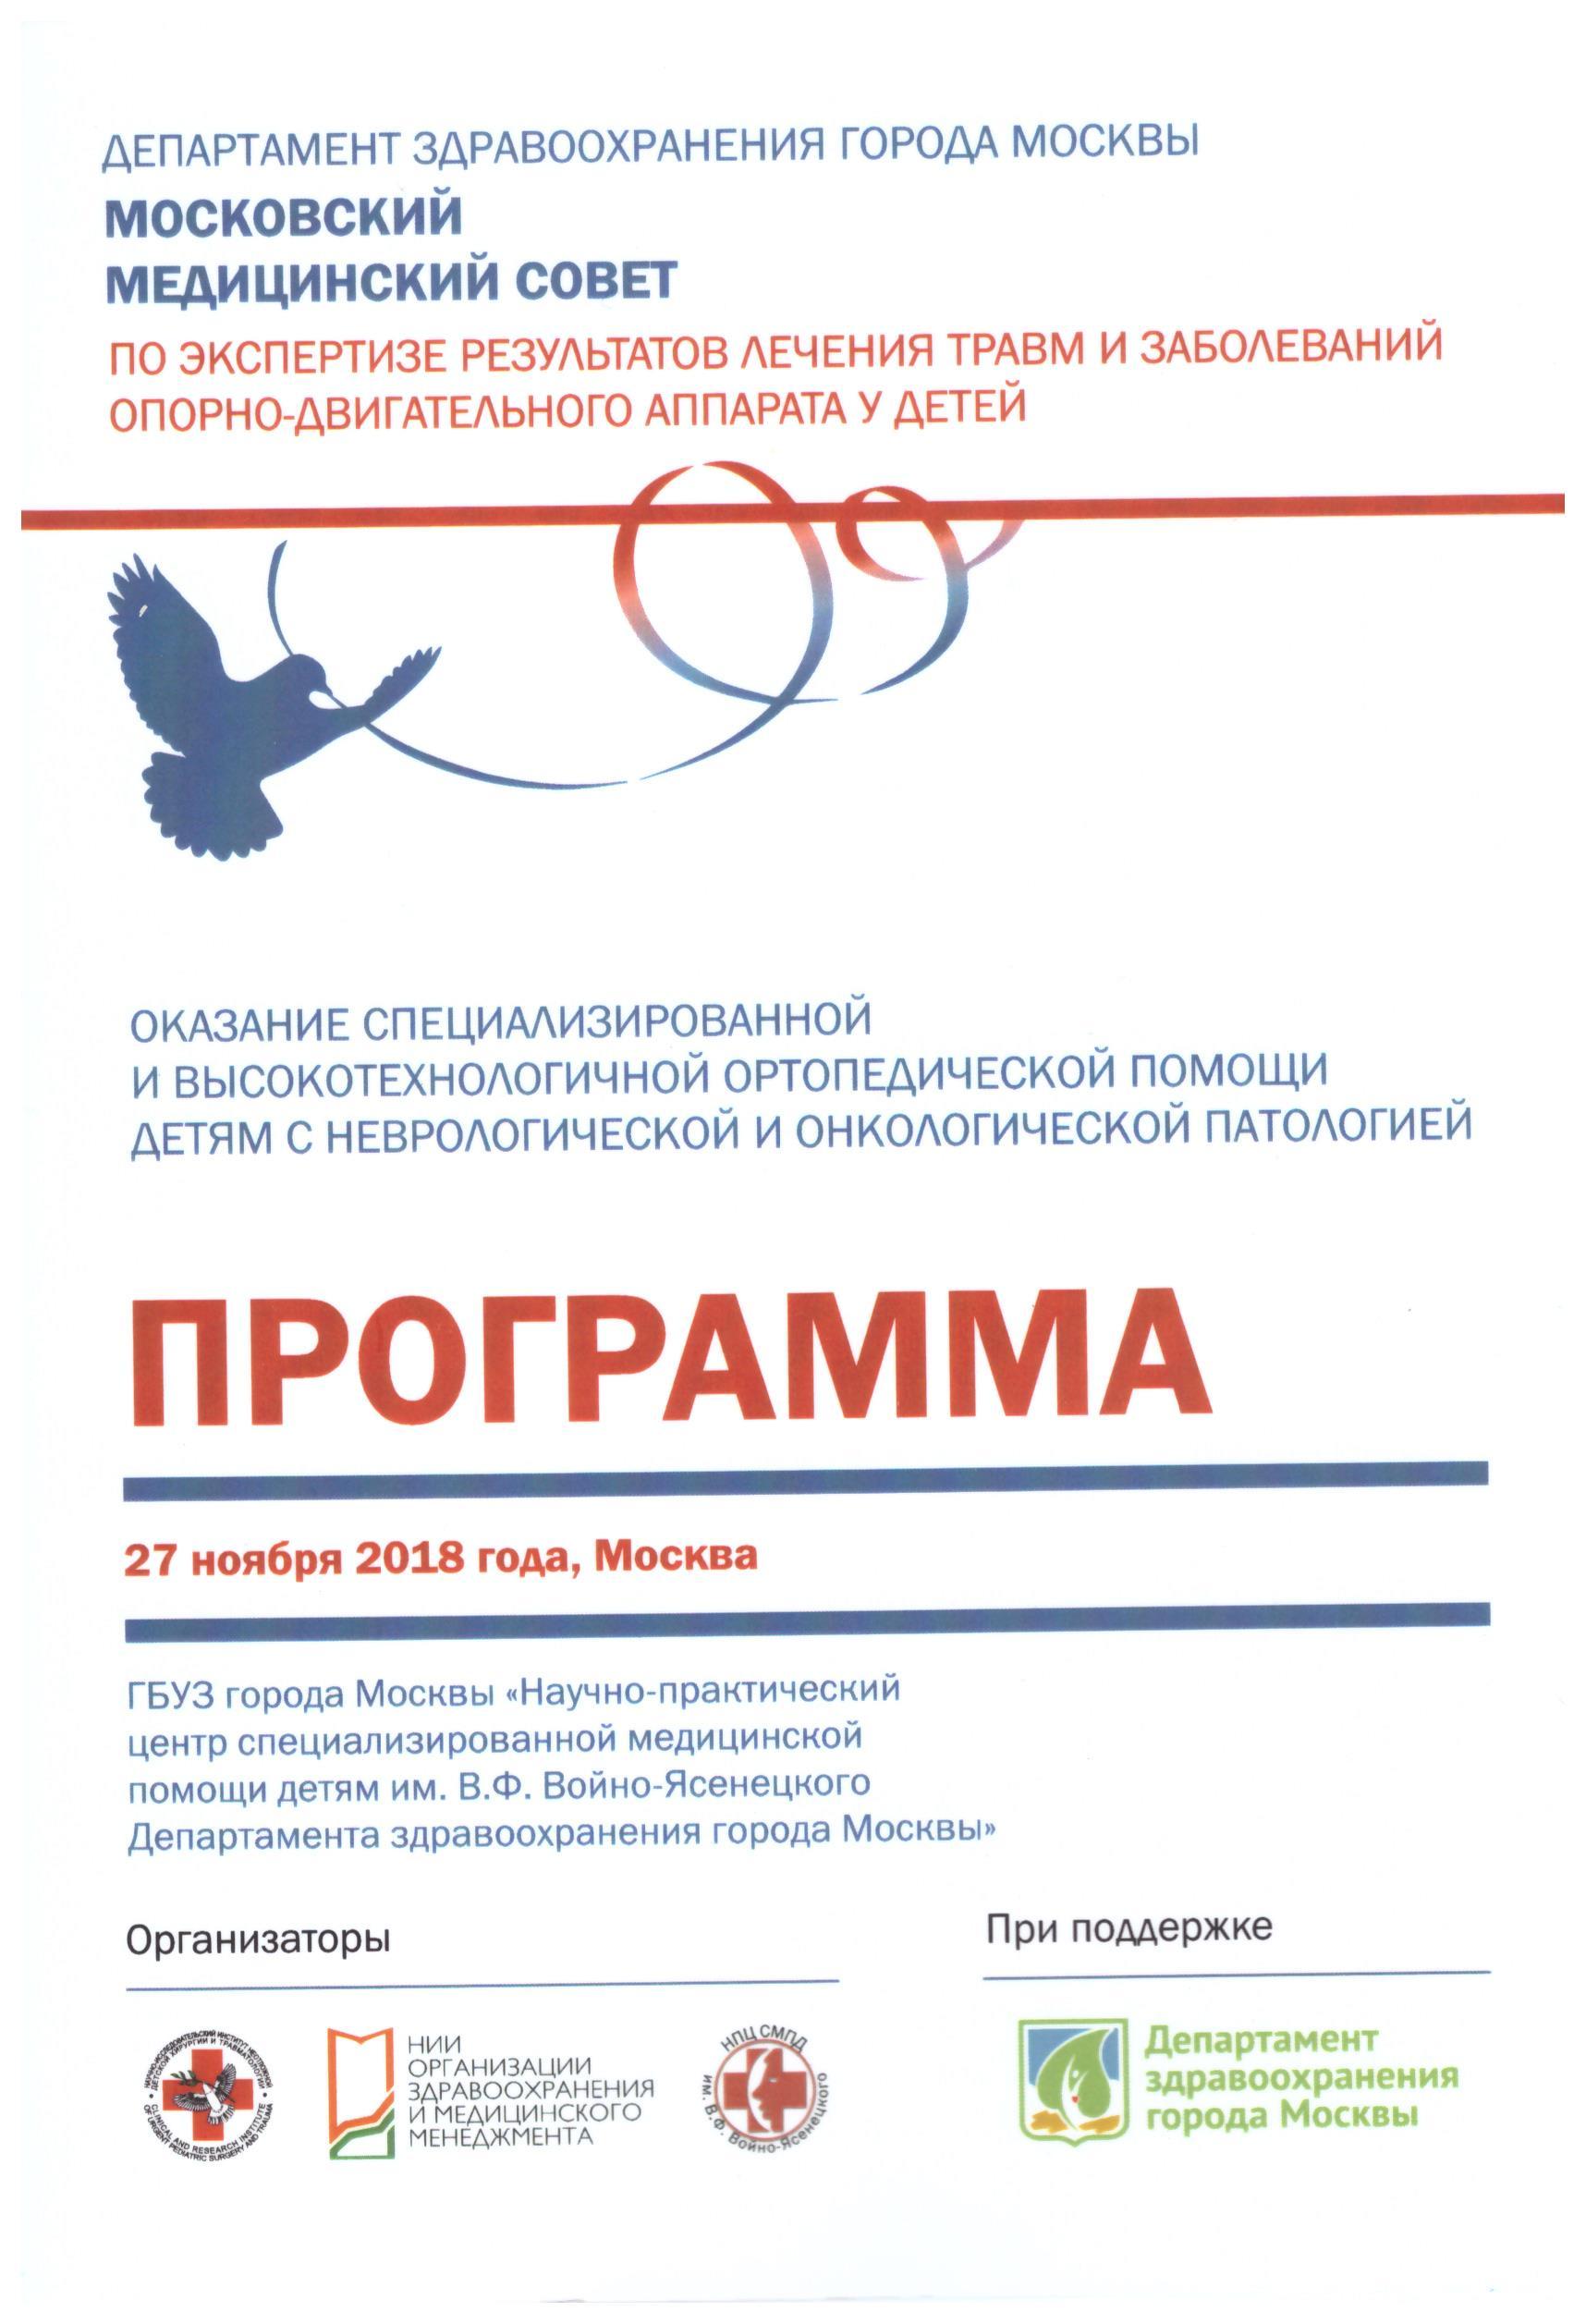 27 ноября 2018 года в НПЦ пройдёт заседание Московского медицинского совета